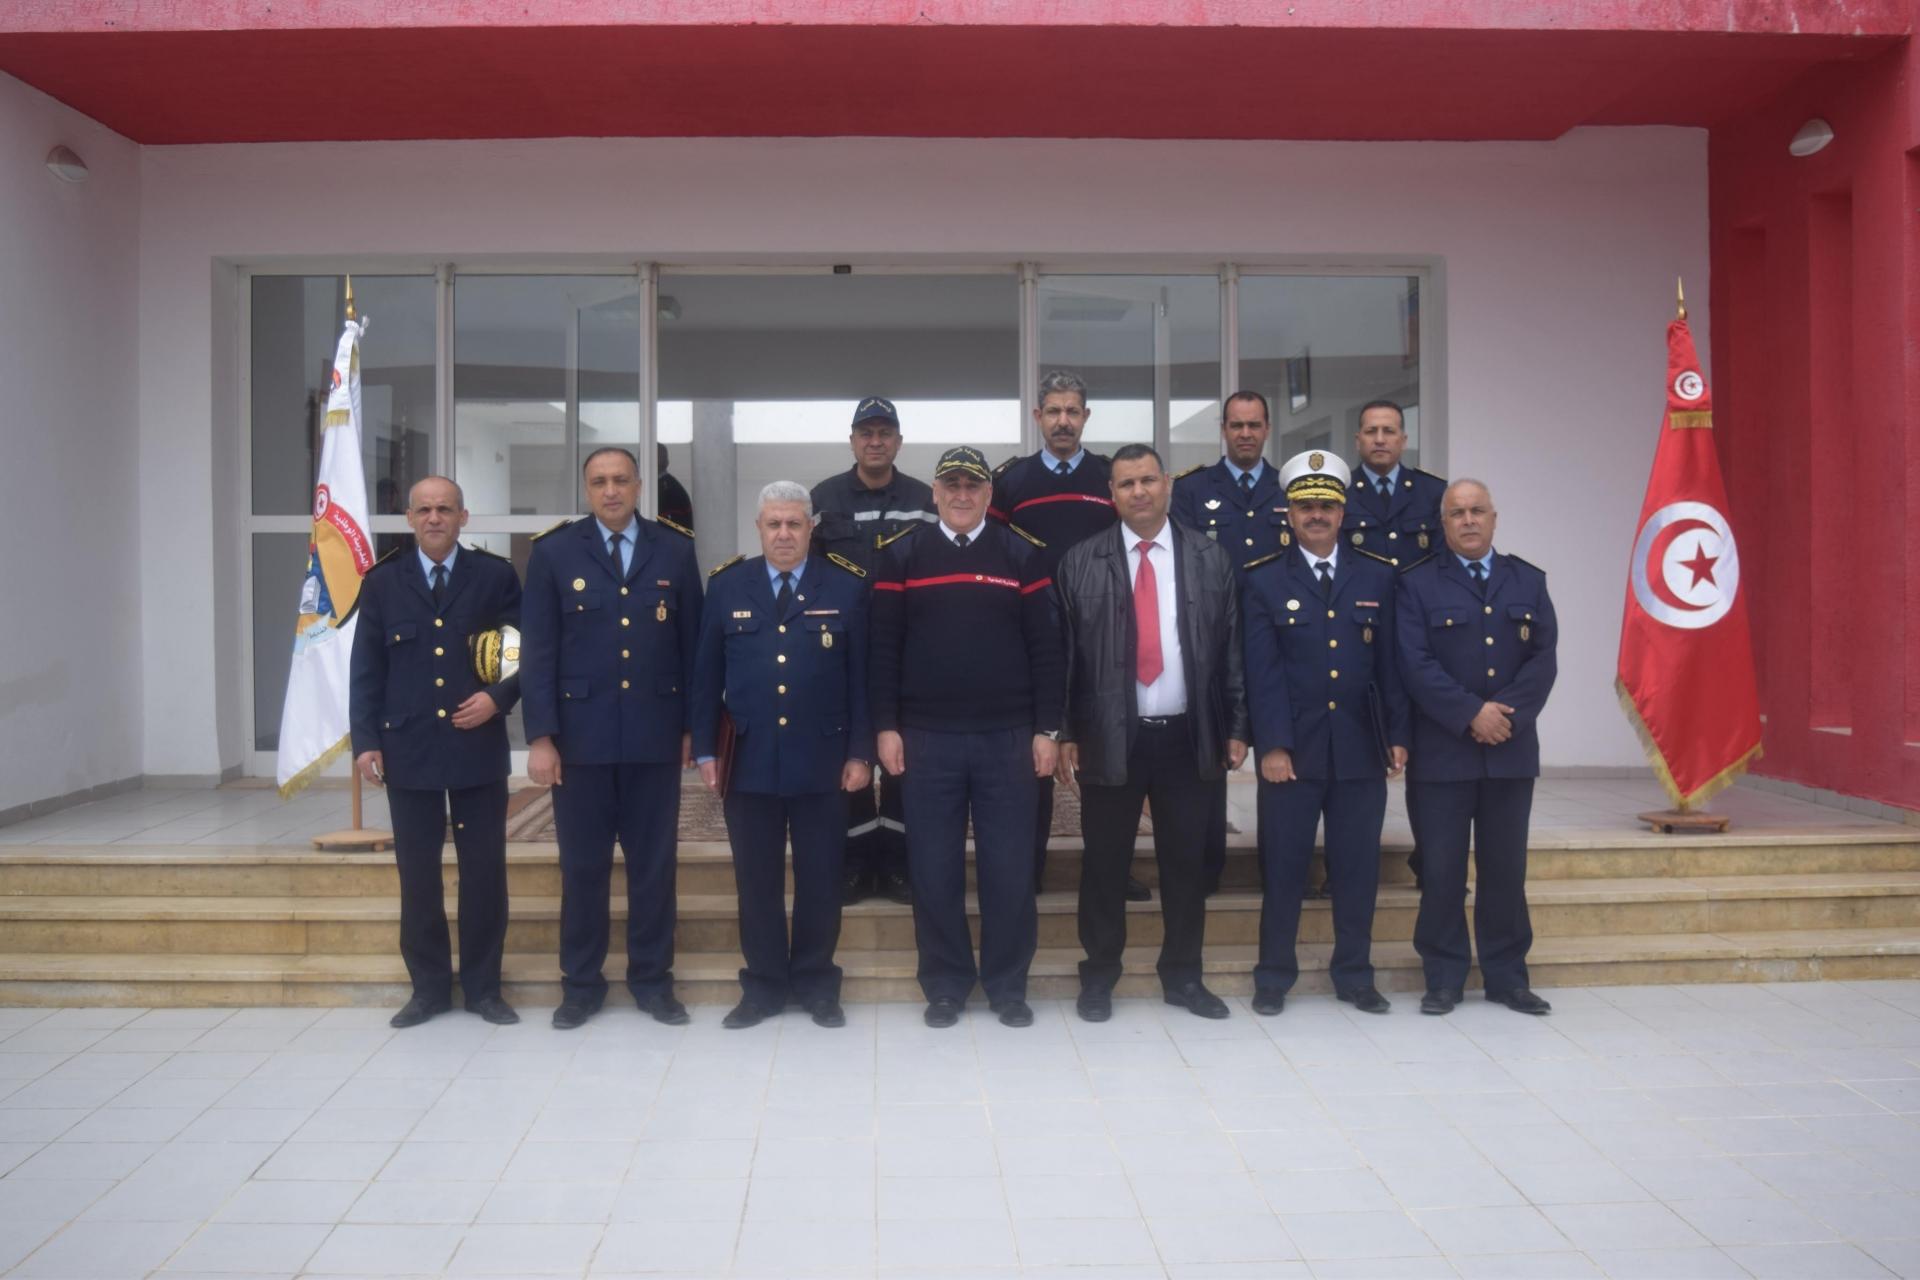 زيارة المدير العام لخلية الحوكمة الرشيدة بوزارة الداخلية إلى المدرسة الوطنية للحماية المدنية